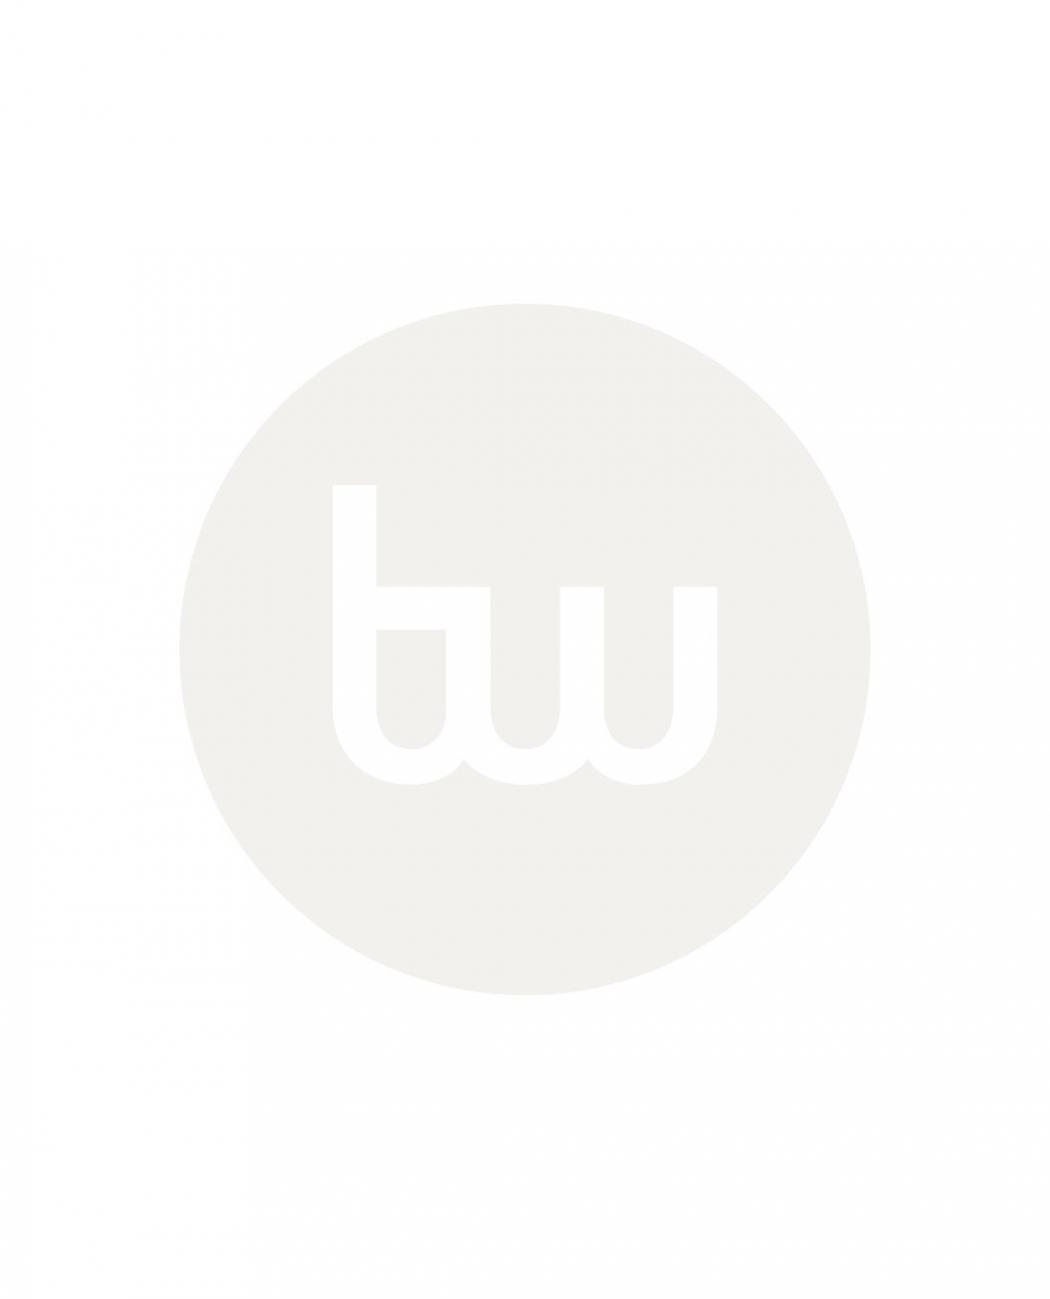 Fein Oakley Pro M Rahmen Zum Verkauf Fotos - Rahmen Ideen ...